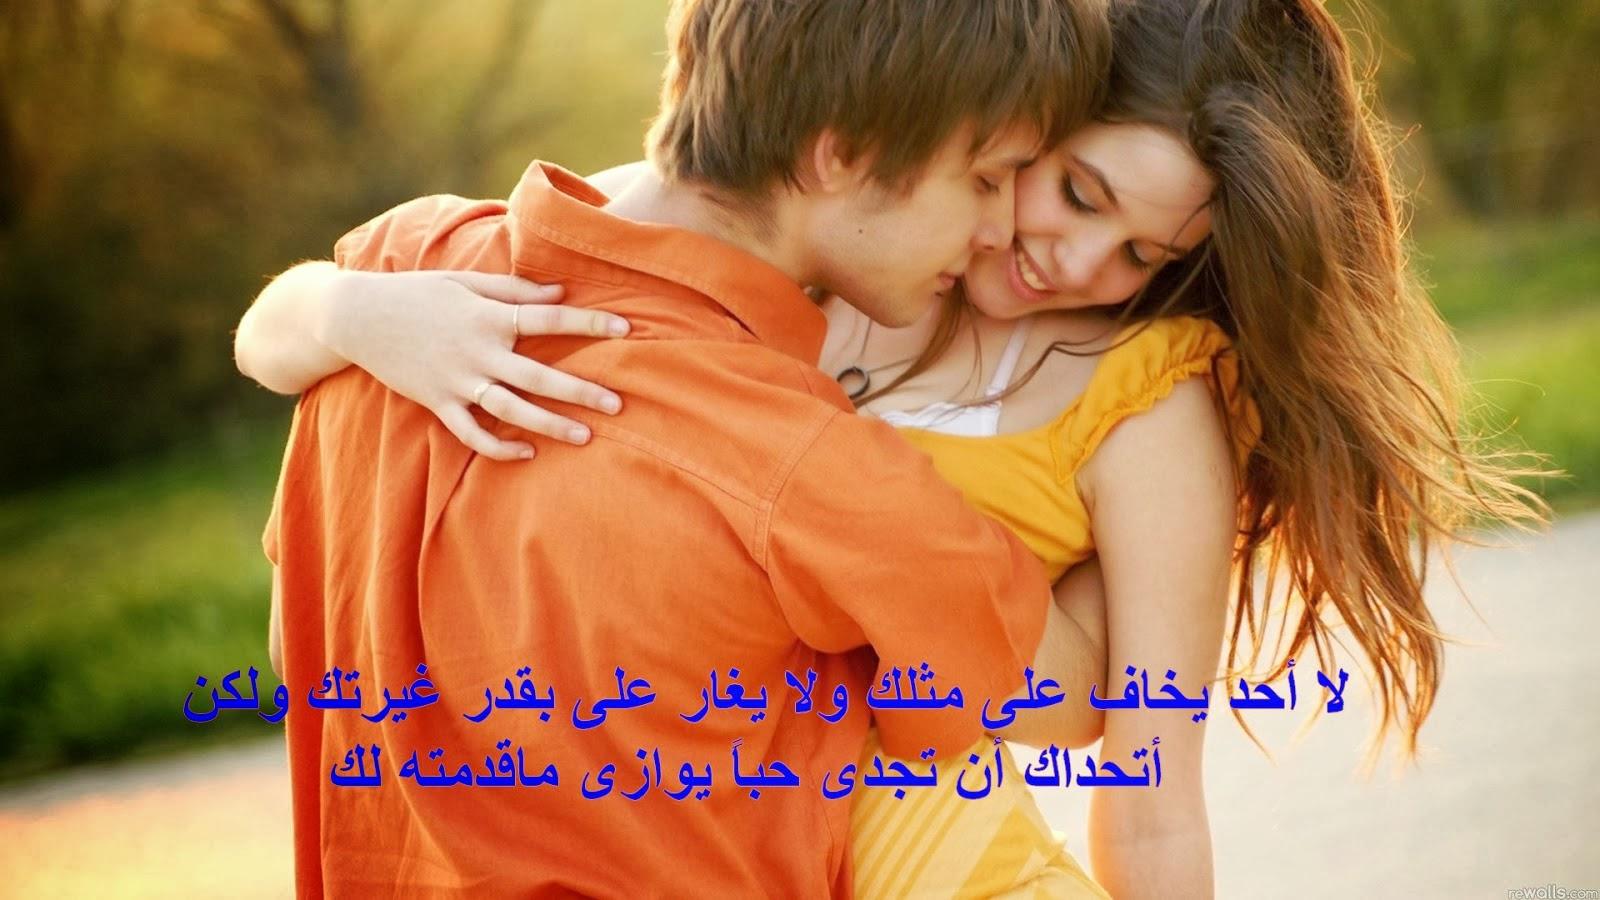 بالصور صور و كلمات عن الحب , احلى واجمل كلمات عن الحب والعشق 11938 1